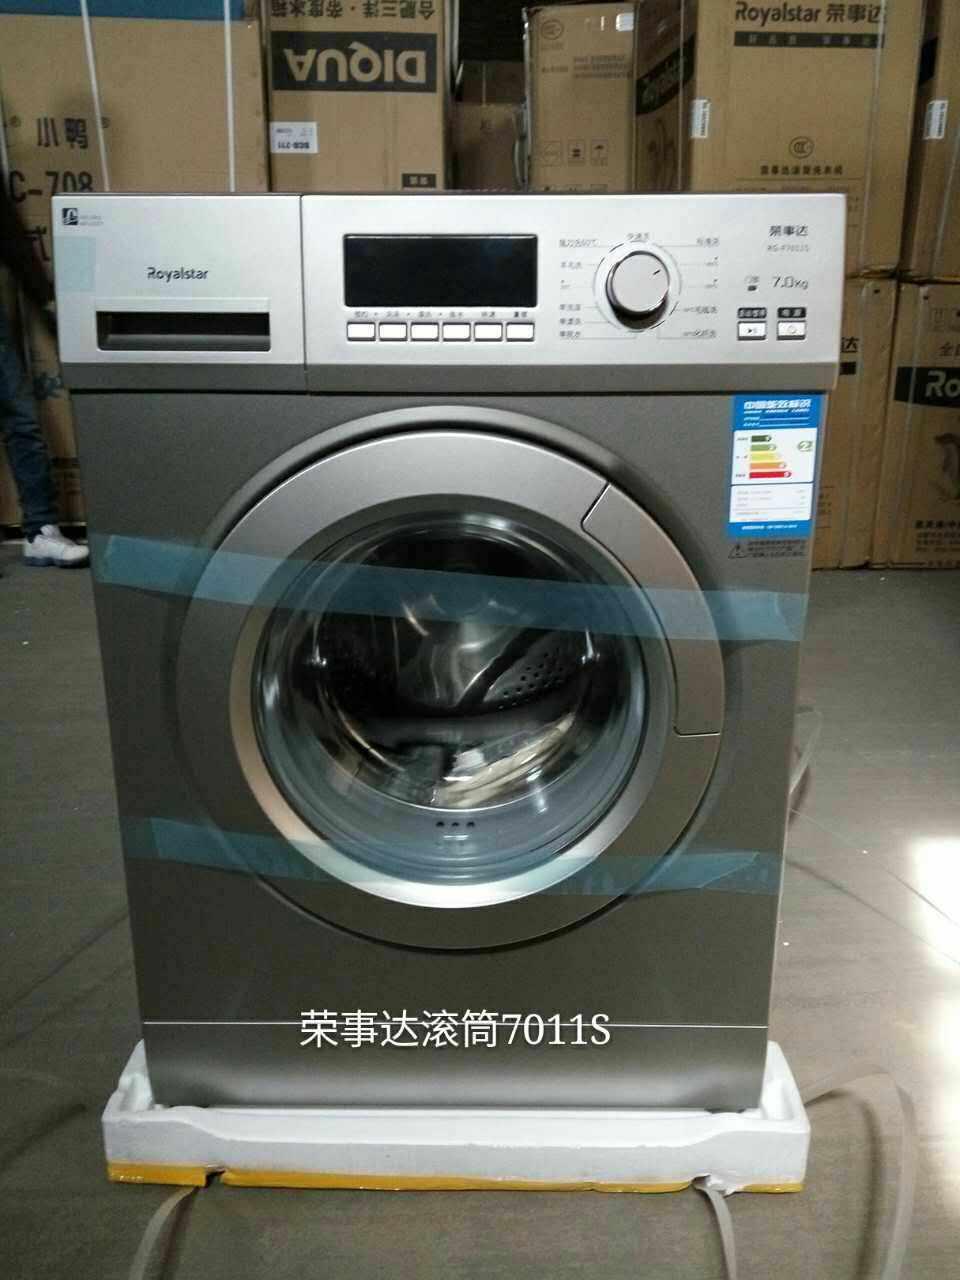 哈爾濱榮事達洗衣機維修:洗衣機使用方法 全自動洗衣機怎么用